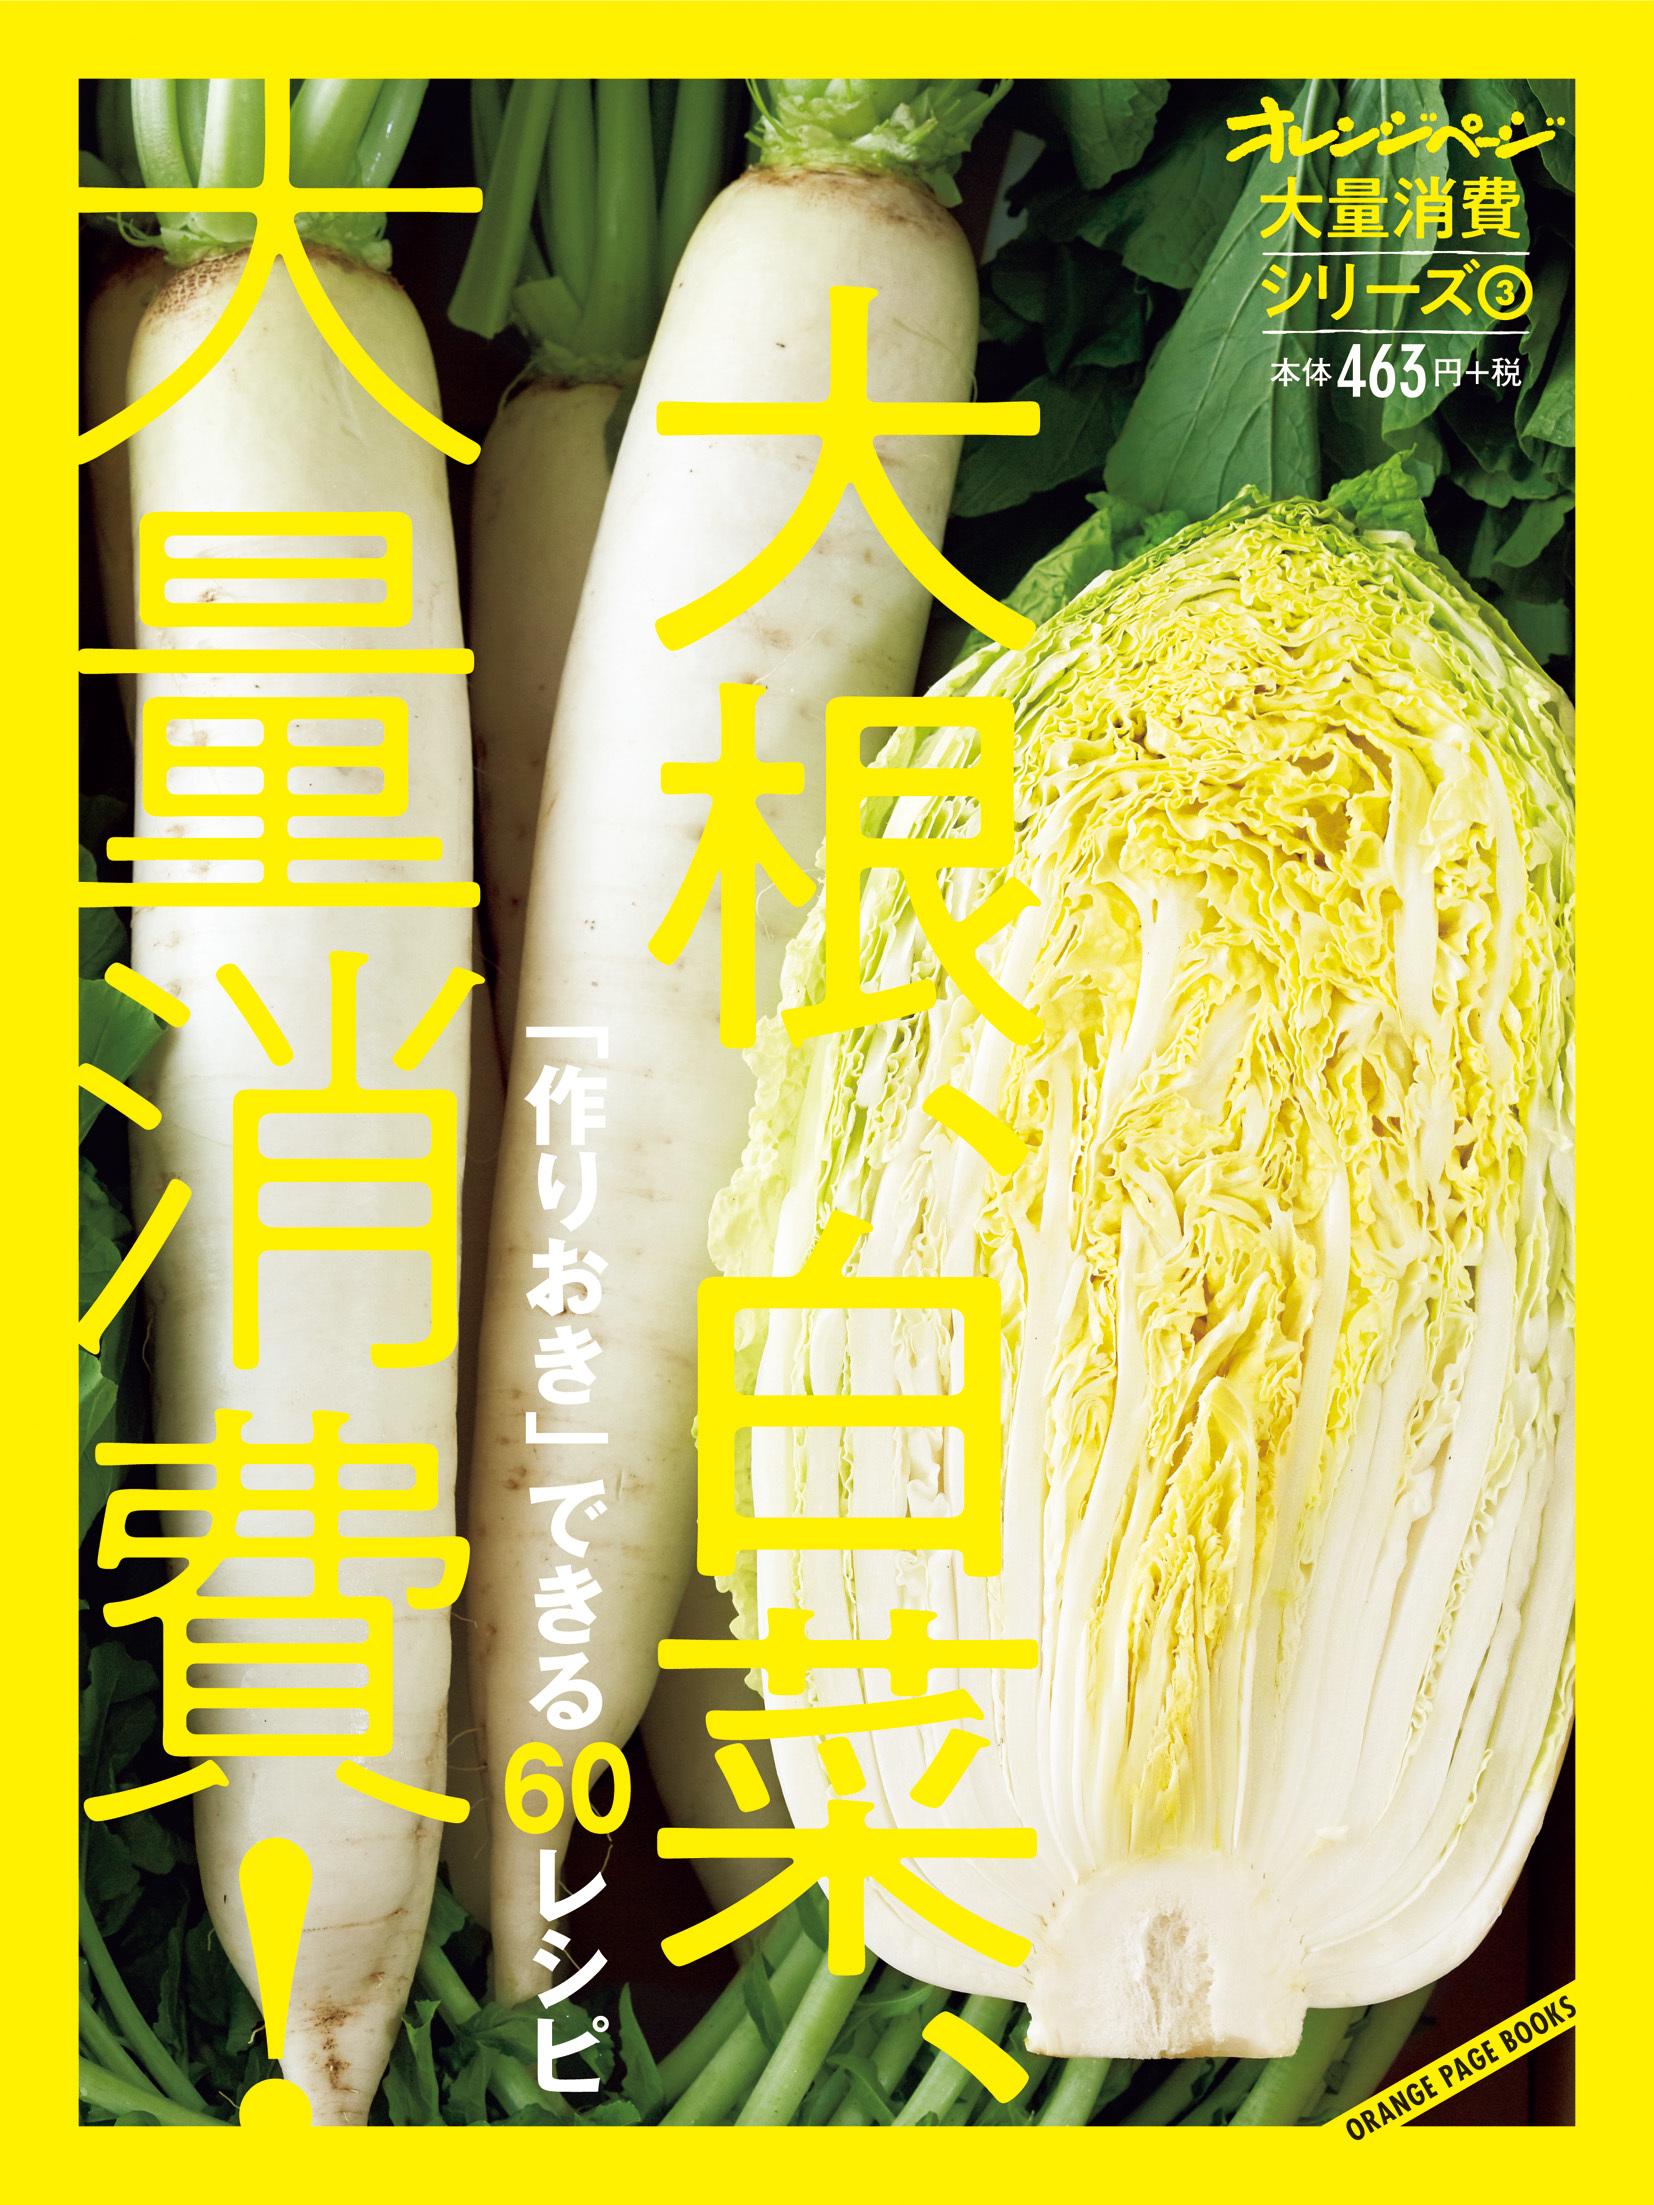 レシピ 白菜 消費 白菜を大量消費できる! 白菜を使った絶品レシピ5選